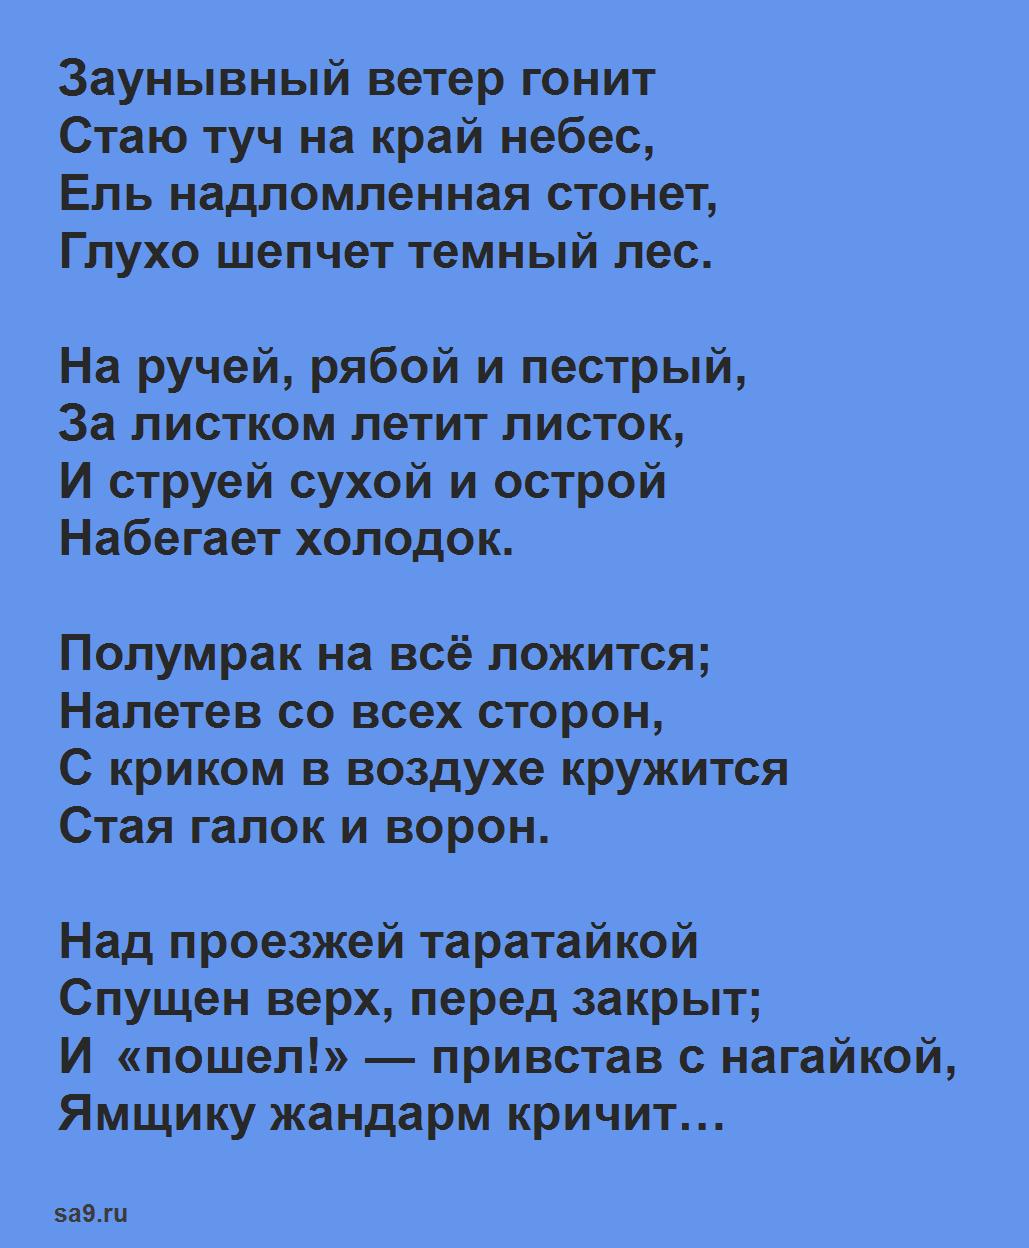 Стихи Некрасова 3 класс, 16 строк - Перед дождем